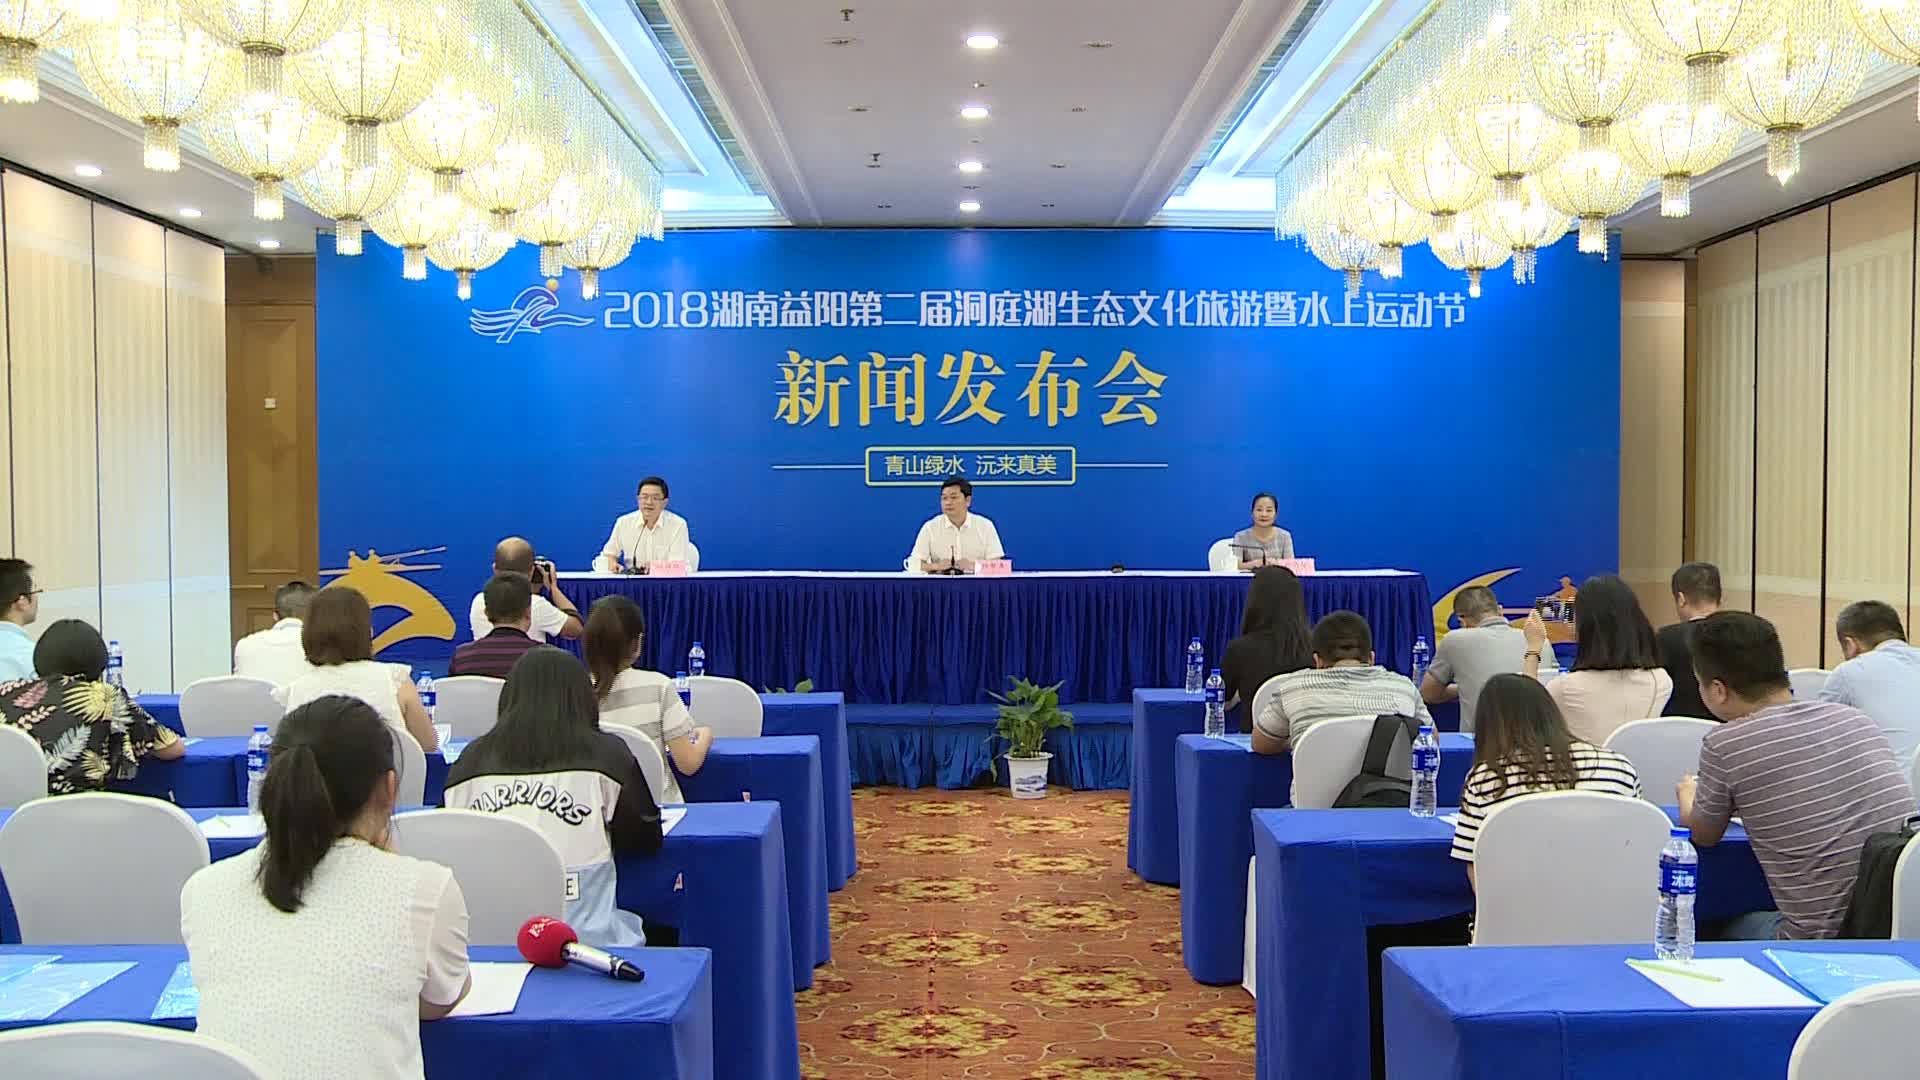 湖南沅江8月25-26日举办第二届洞庭湖生态文化旅游暨水上运动节